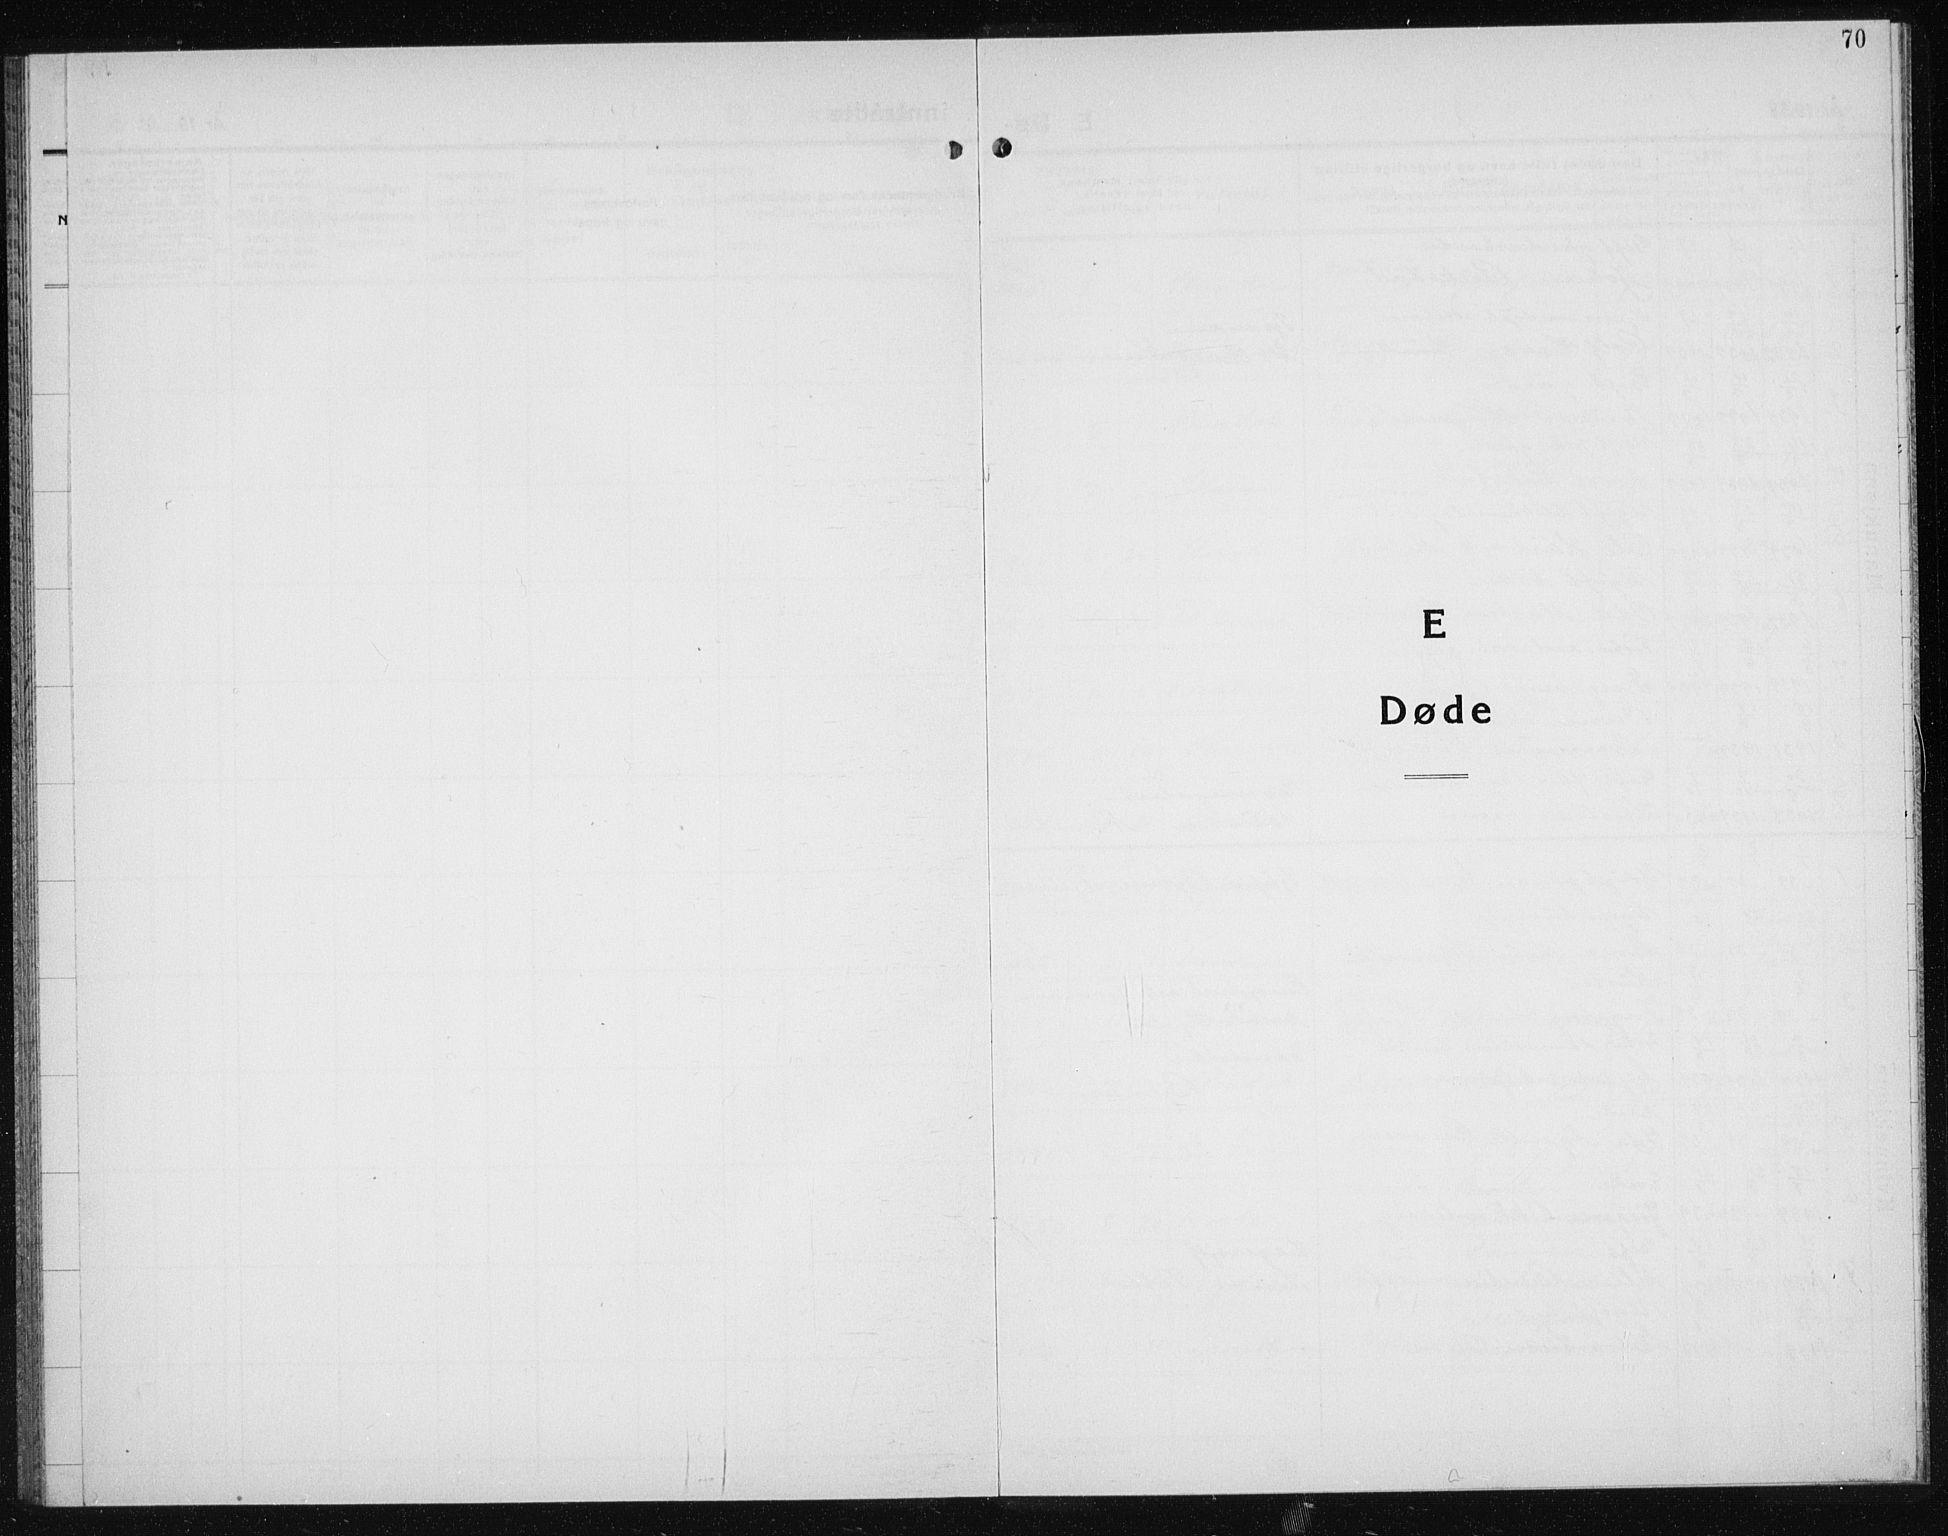 SAT, Ministerialprotokoller, klokkerbøker og fødselsregistre - Sør-Trøndelag, 611/L0357: Klokkerbok nr. 611C05, 1938-1942, s. 70